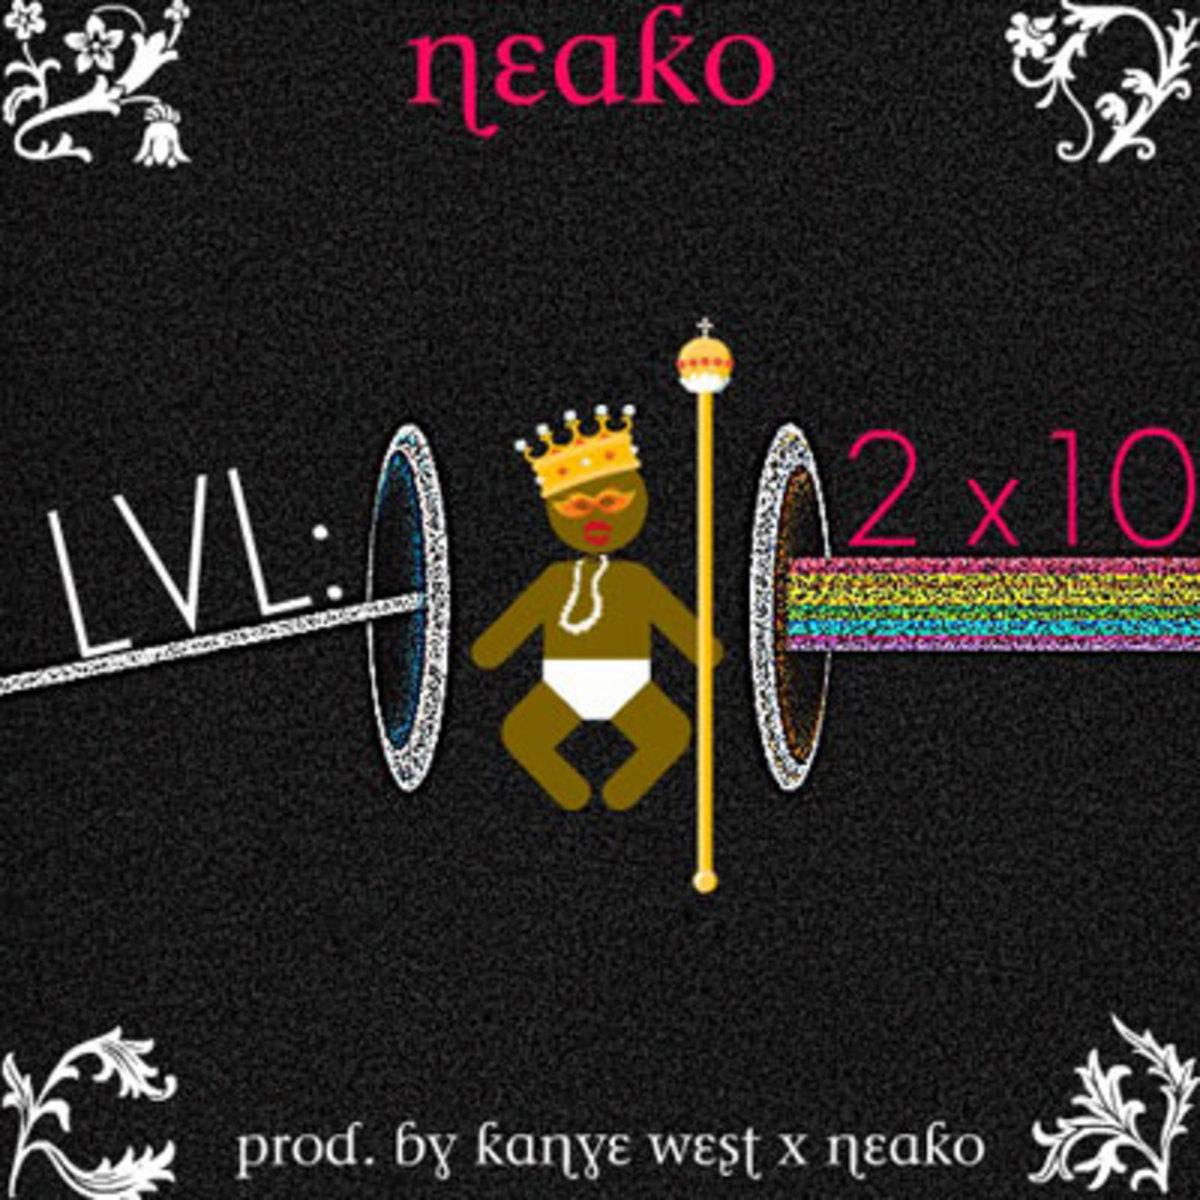 neako-level2.jpg